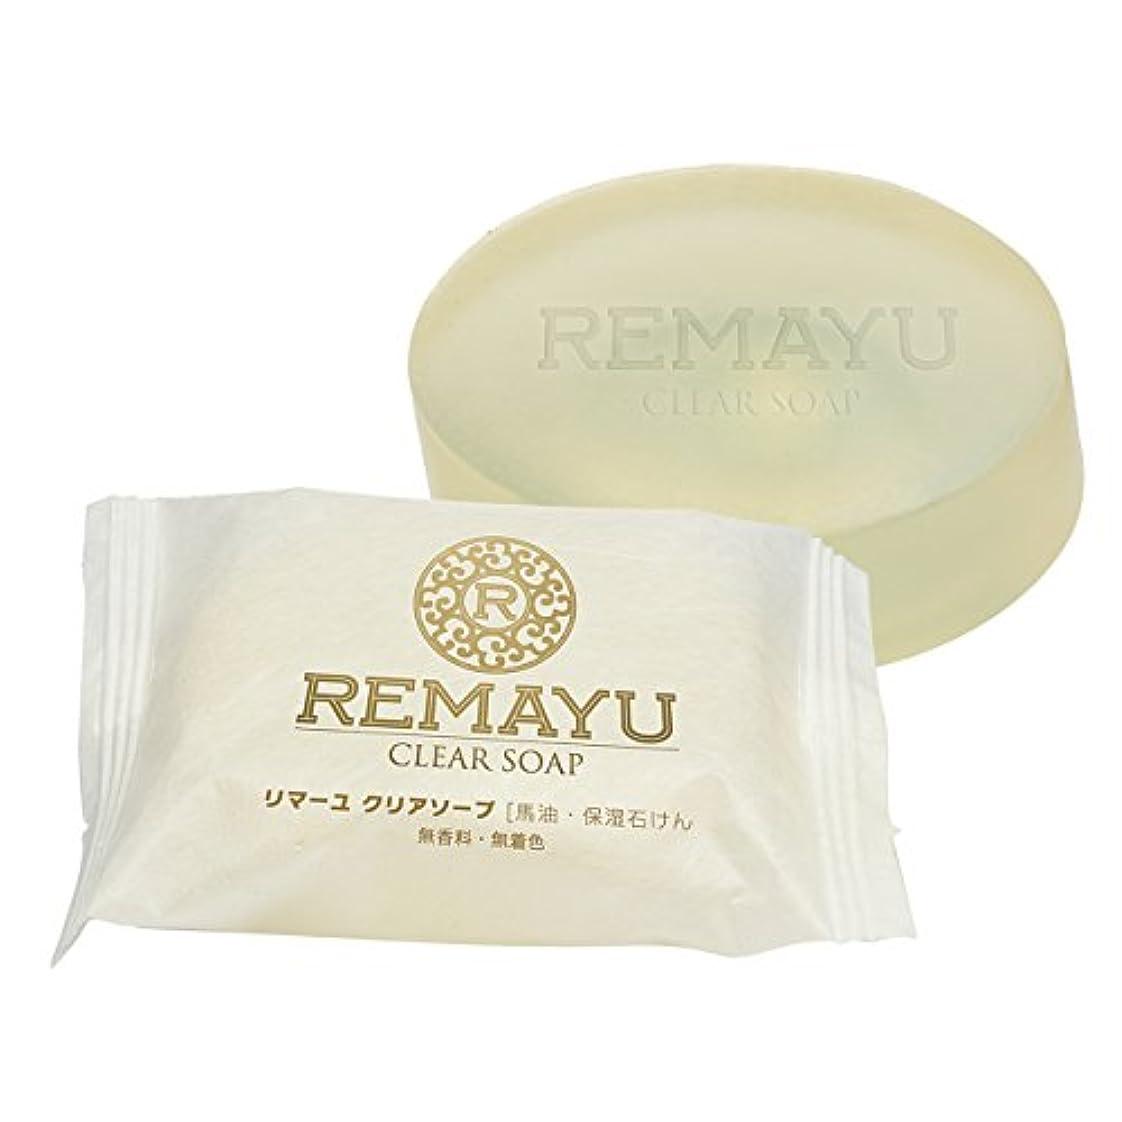 発表するカテナお気に入りリマーユ クリアソープ 90g 馬油 リバテープ製薬 日本製 ばゆ石鹸 ばゆ洗顔